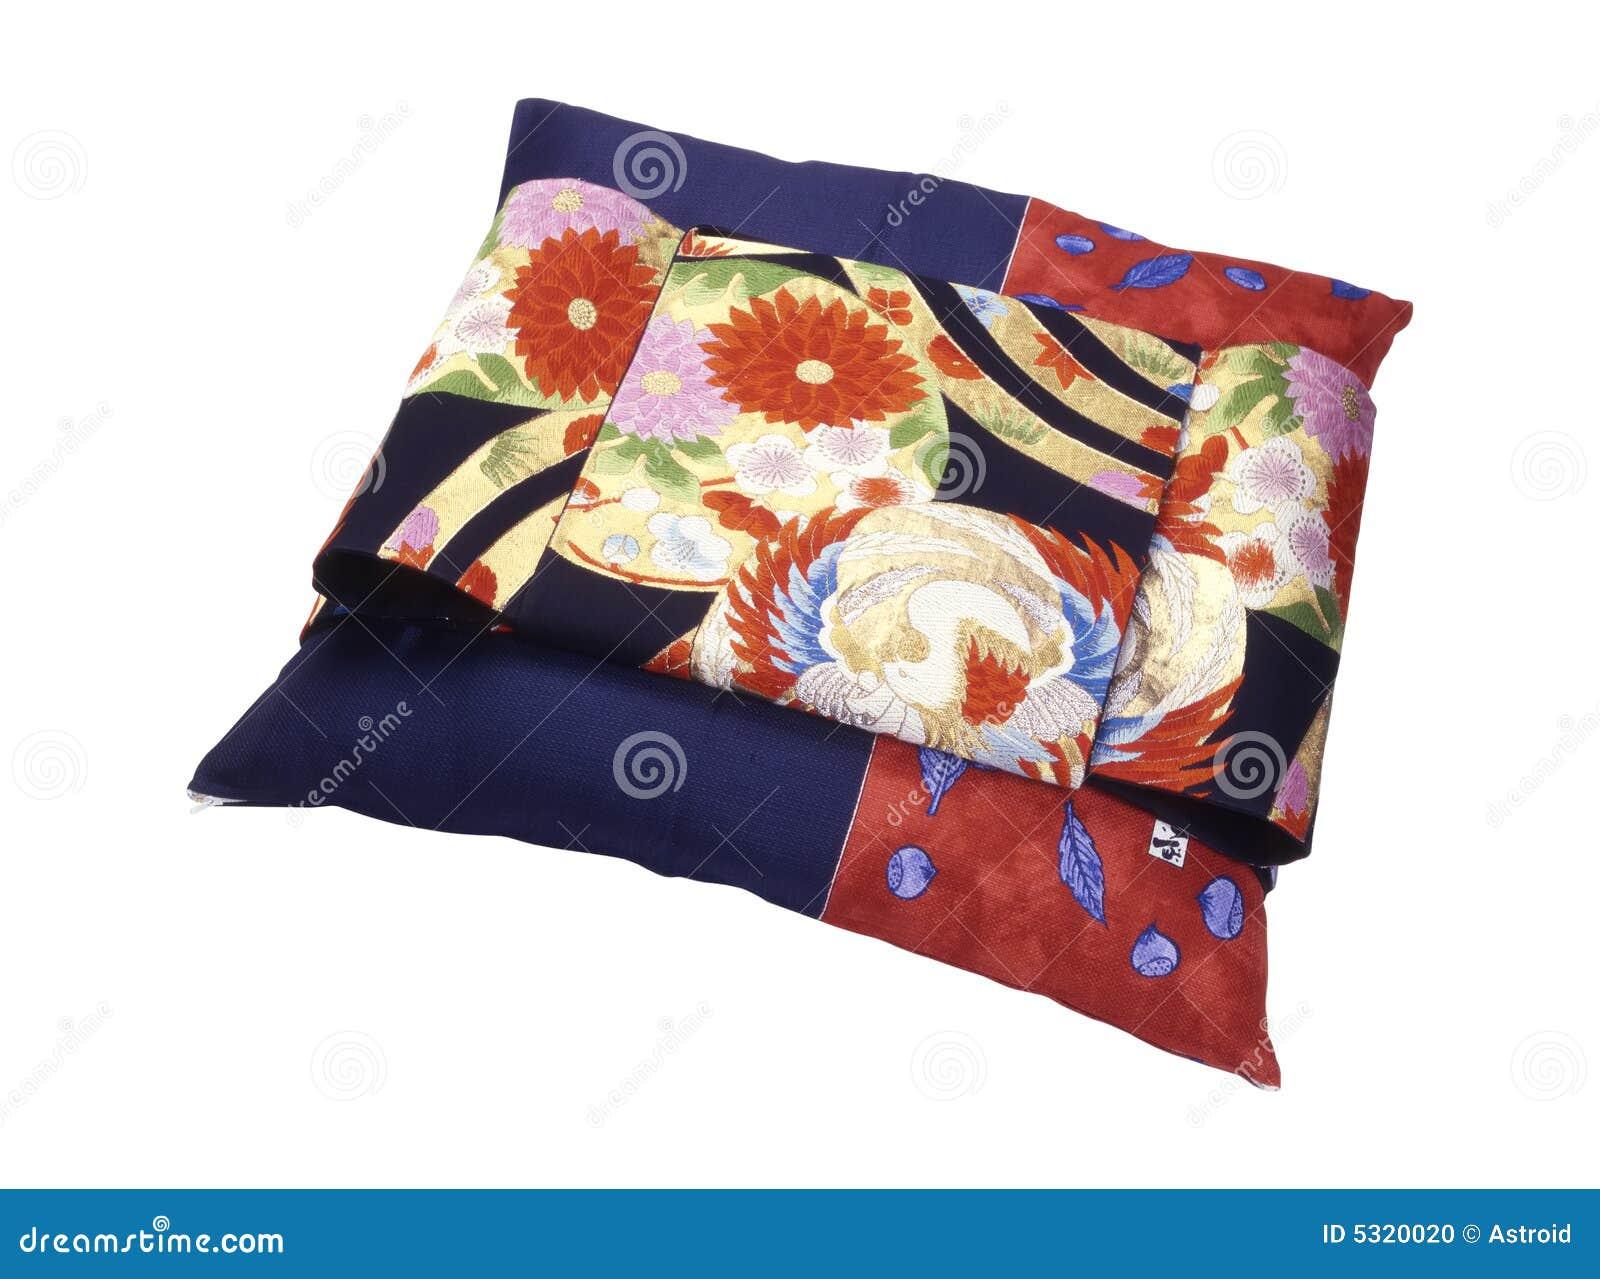 Download Cuscino Giapponese Per Sedersi Fotografia Stock - Immagine di vecchio, bello: 5320020